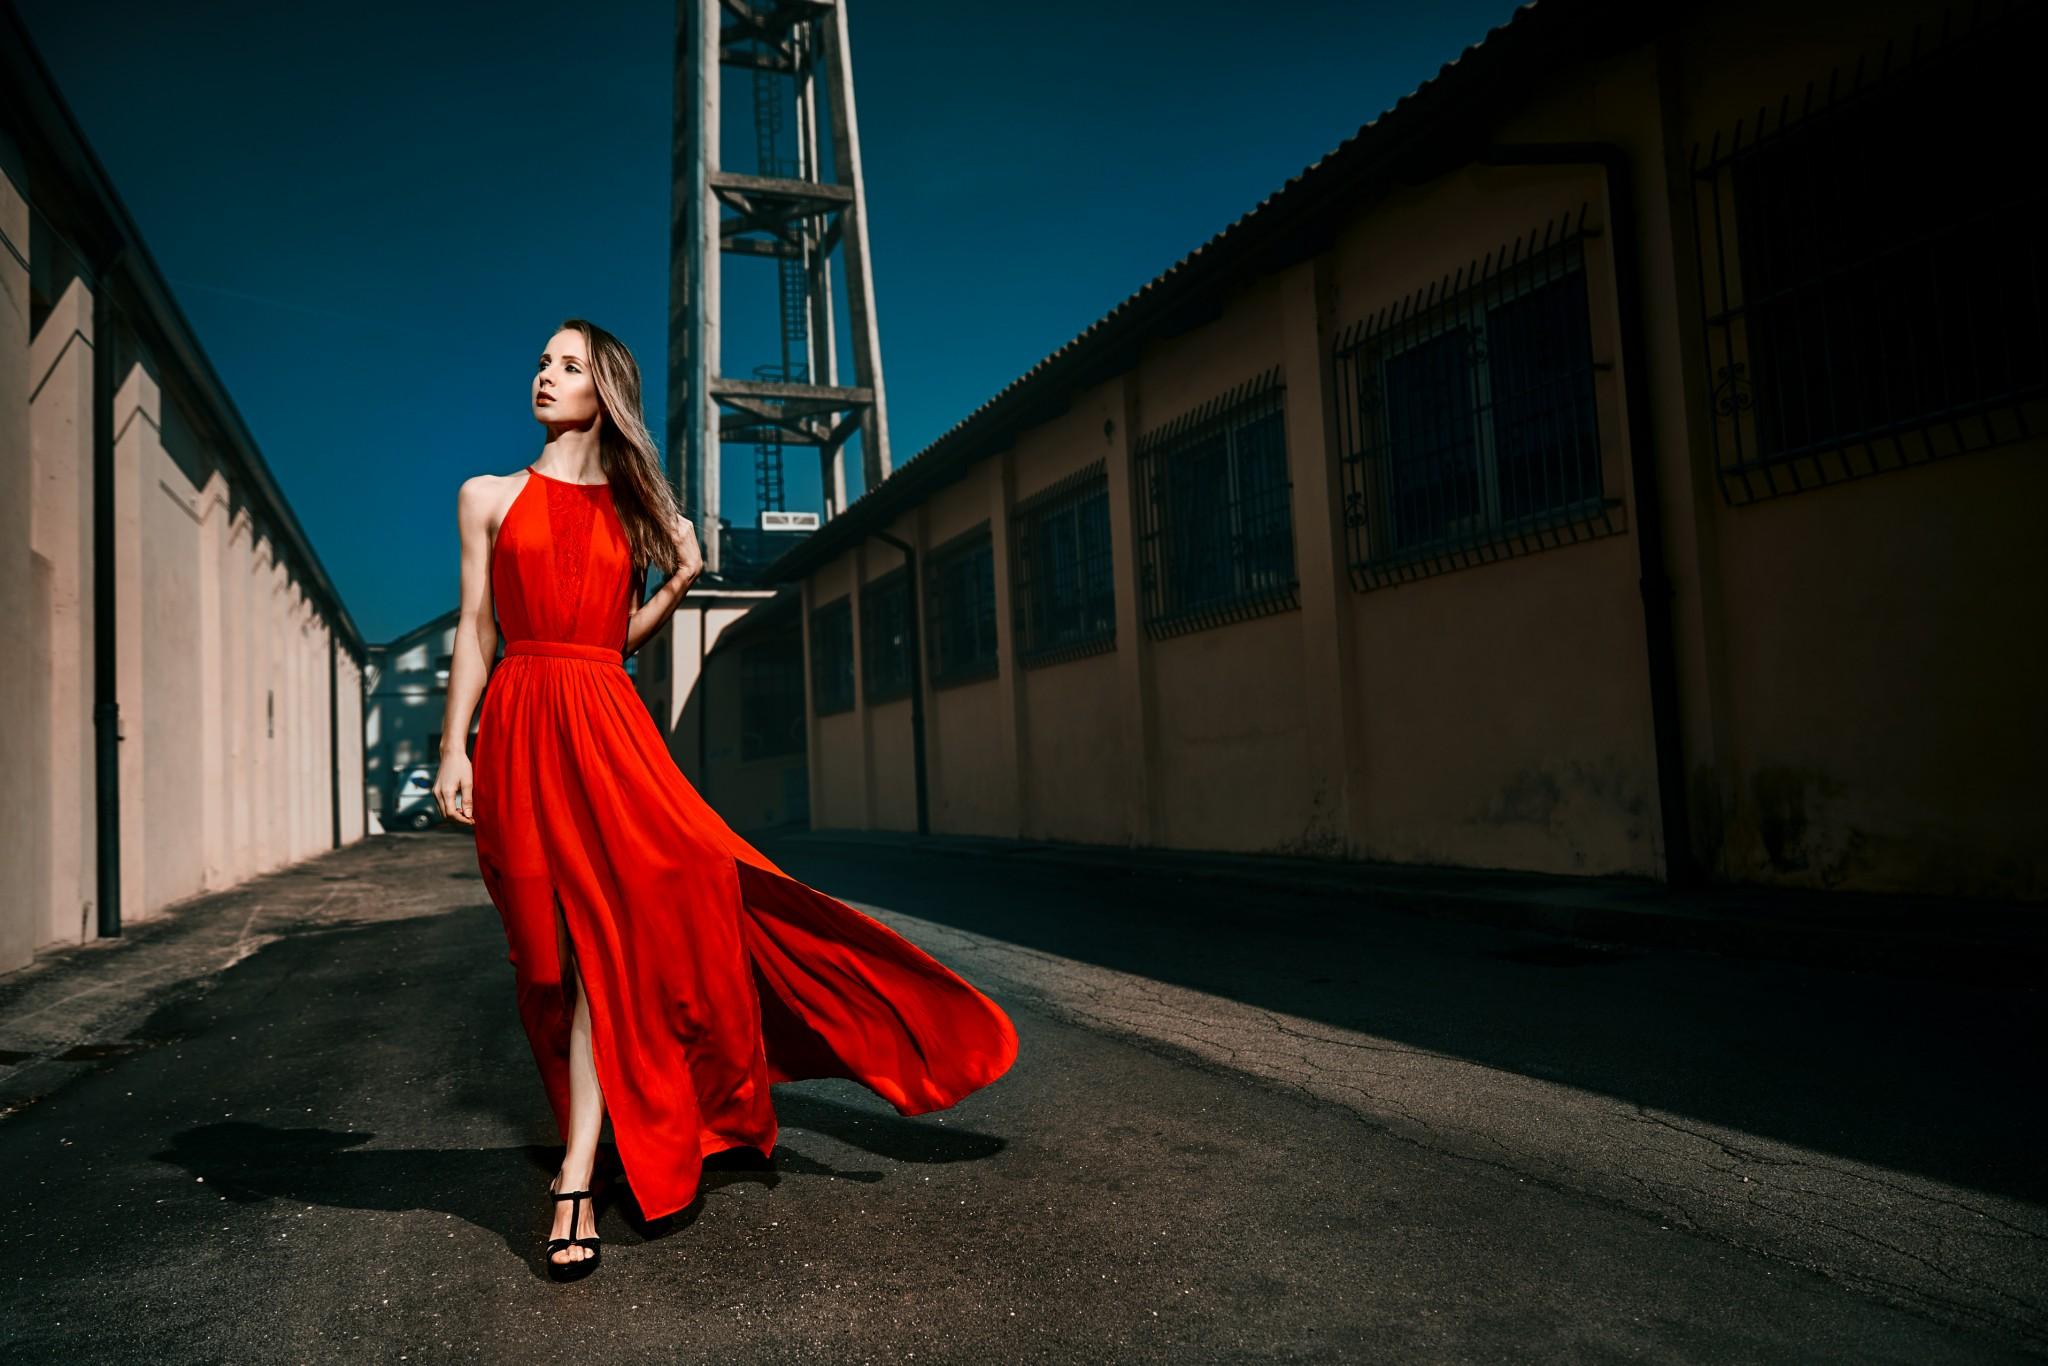 Fotografia di moda a treviso